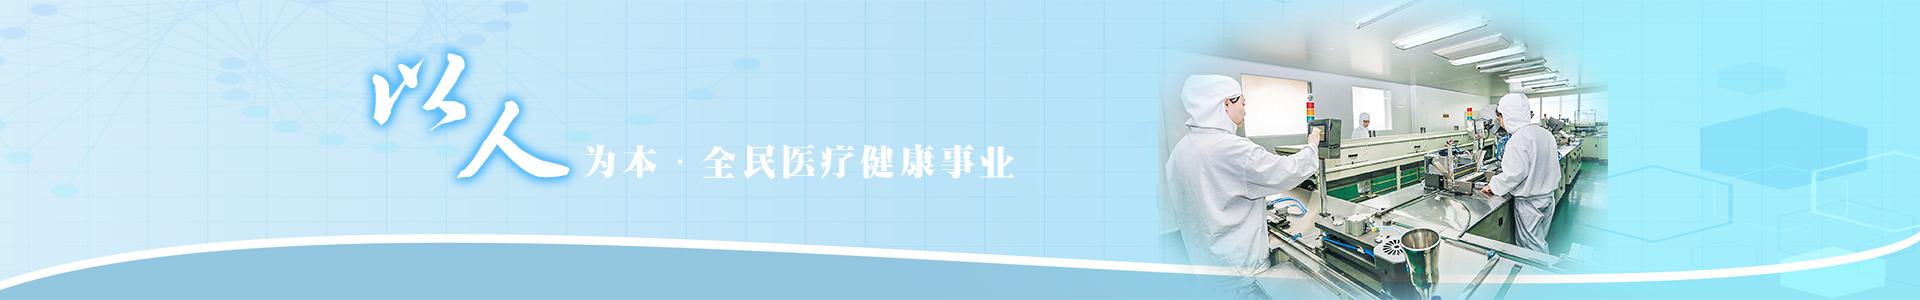 http://www.3l.com.cn/data/upload/202101/20210106151059_594.jpg